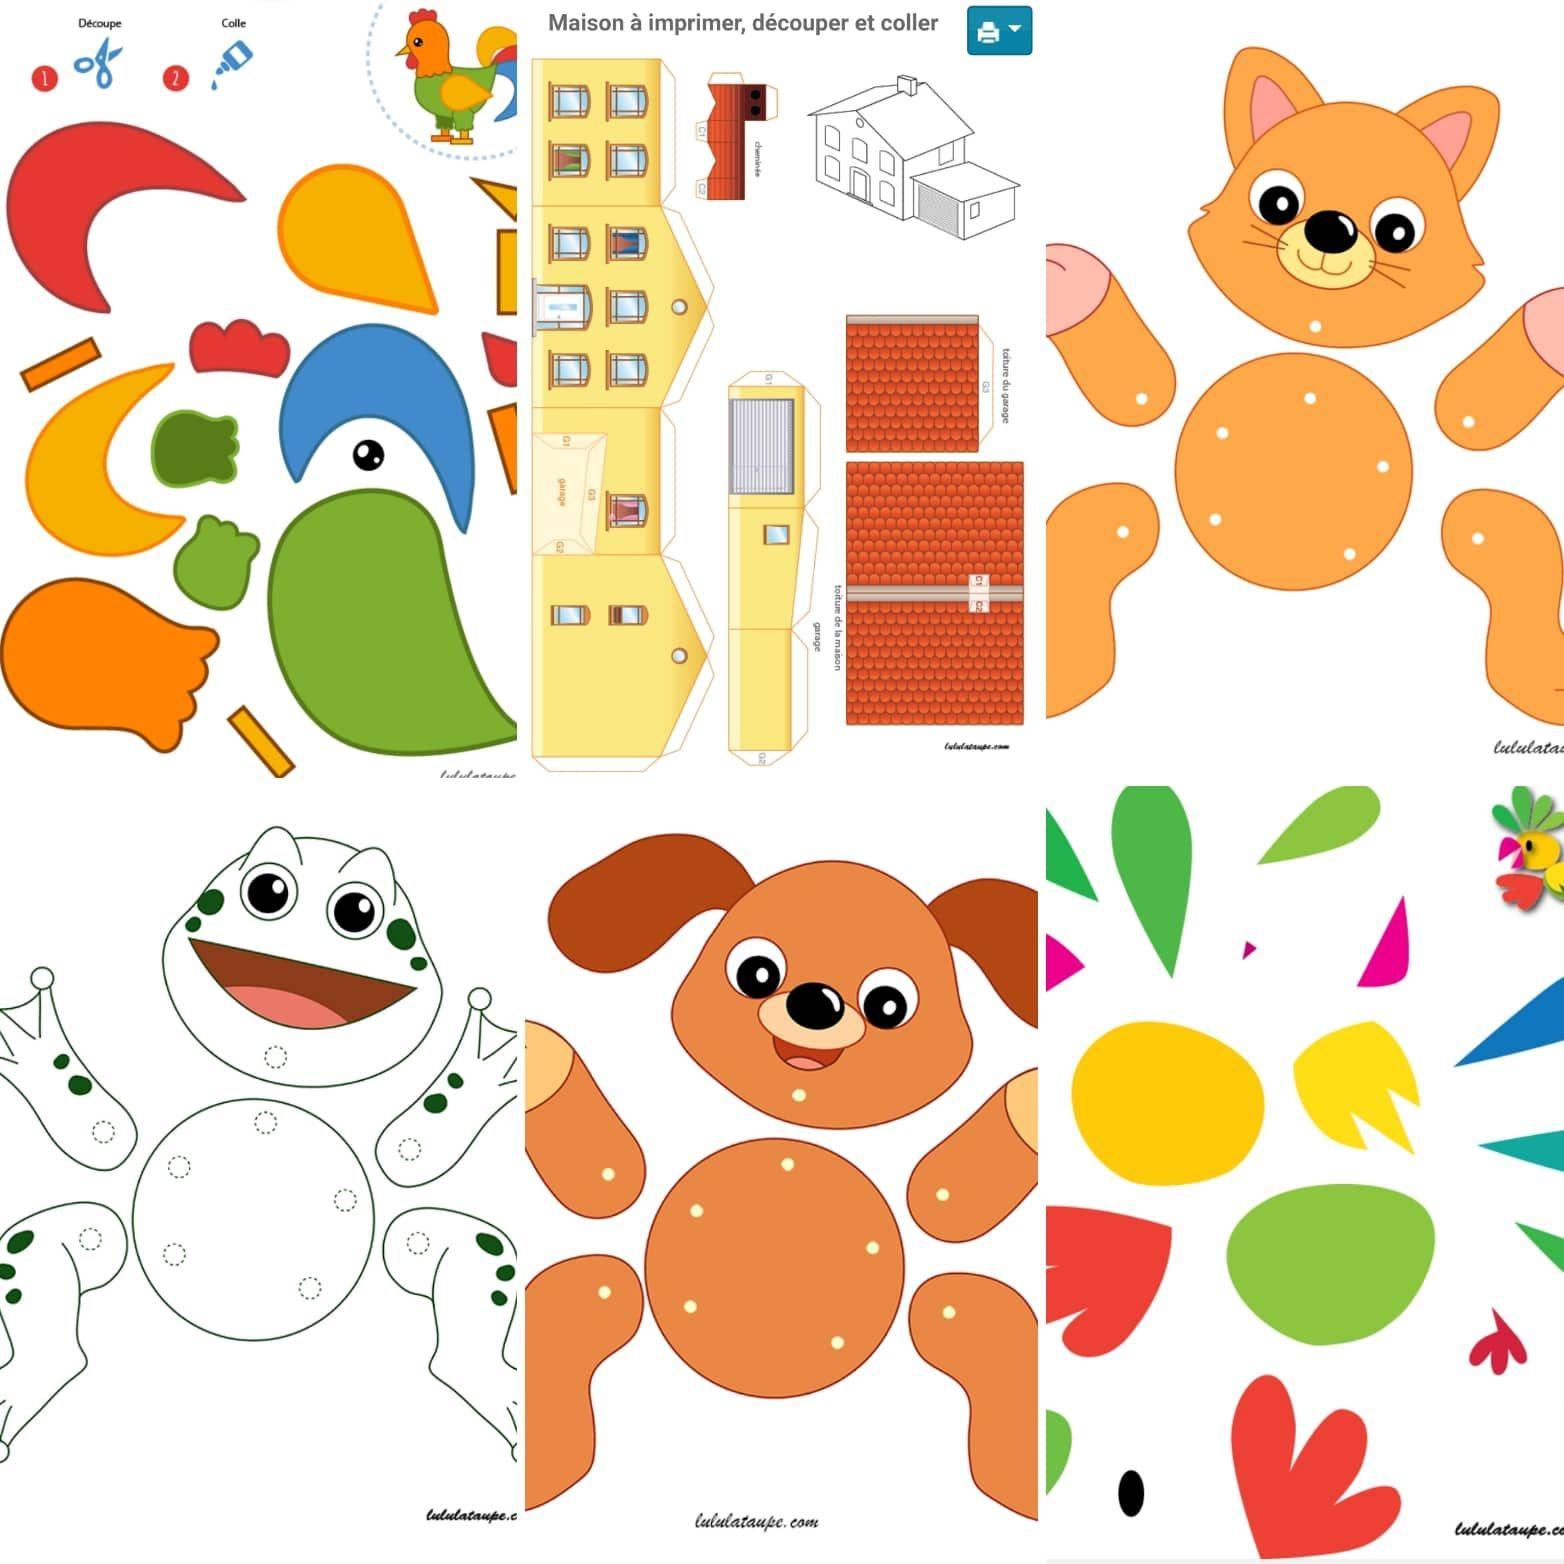 Découpage Bricolage Enfant | Découpage Maternelle, Apprendre tout Découpage Gratuit À Imprimer